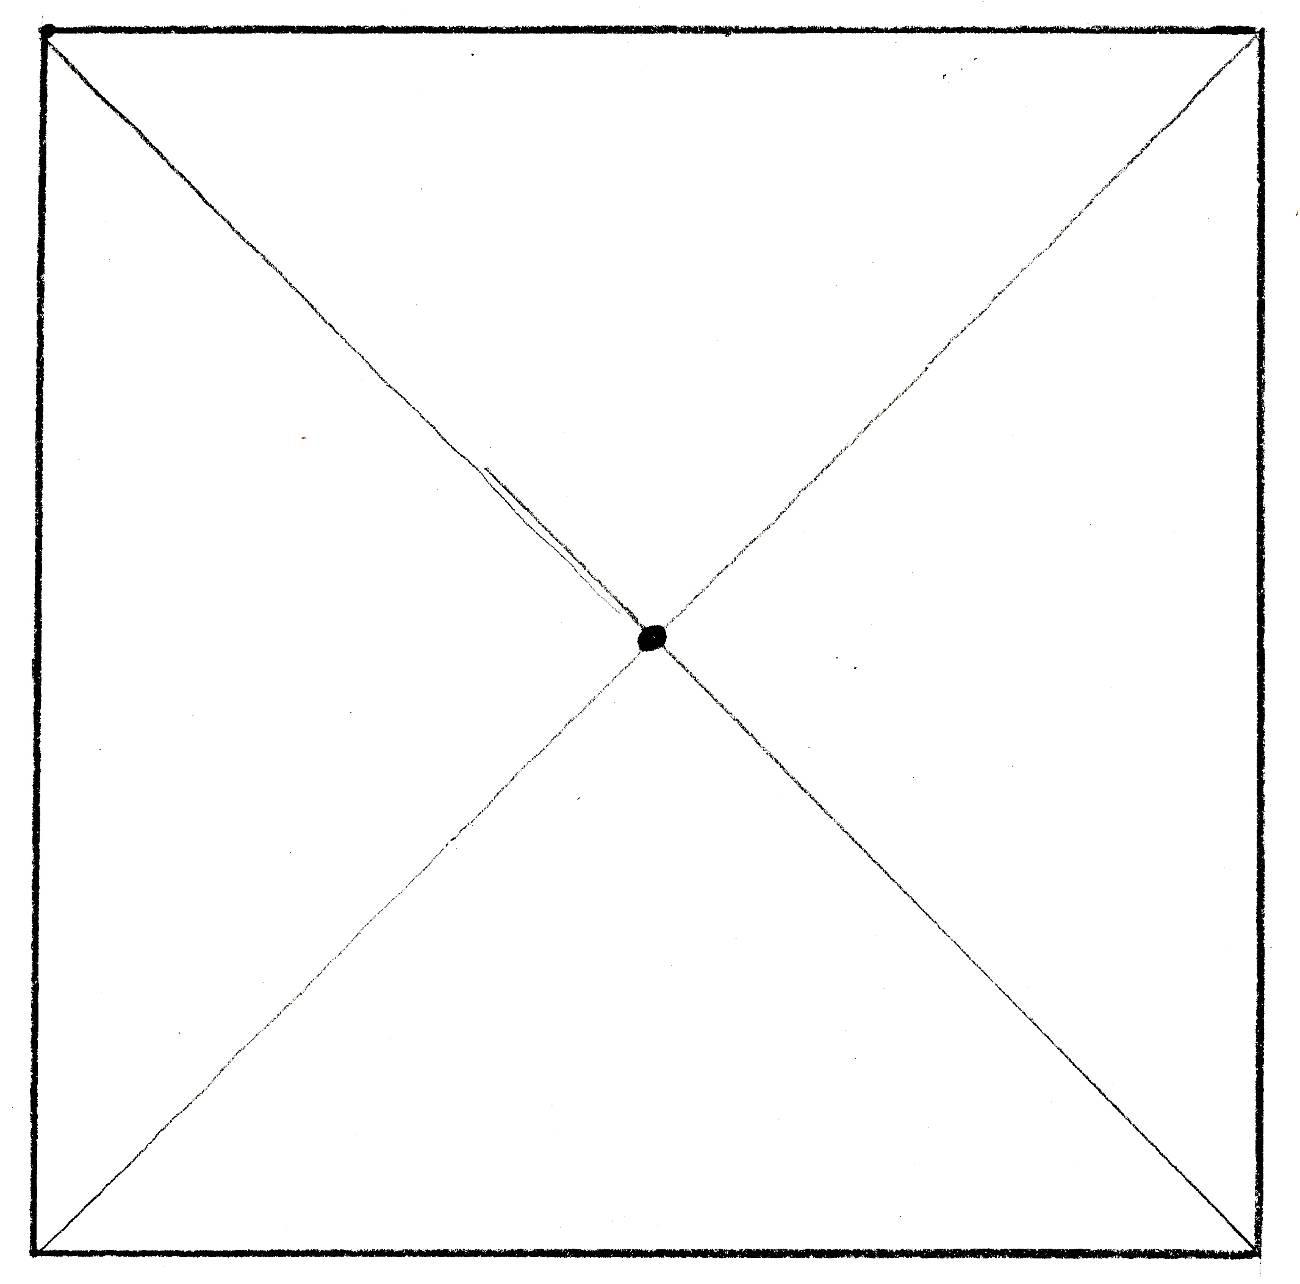 http://lib.convdocs.org/pars_docs/refs/89/88668/88668_html_82d31d2.jpg